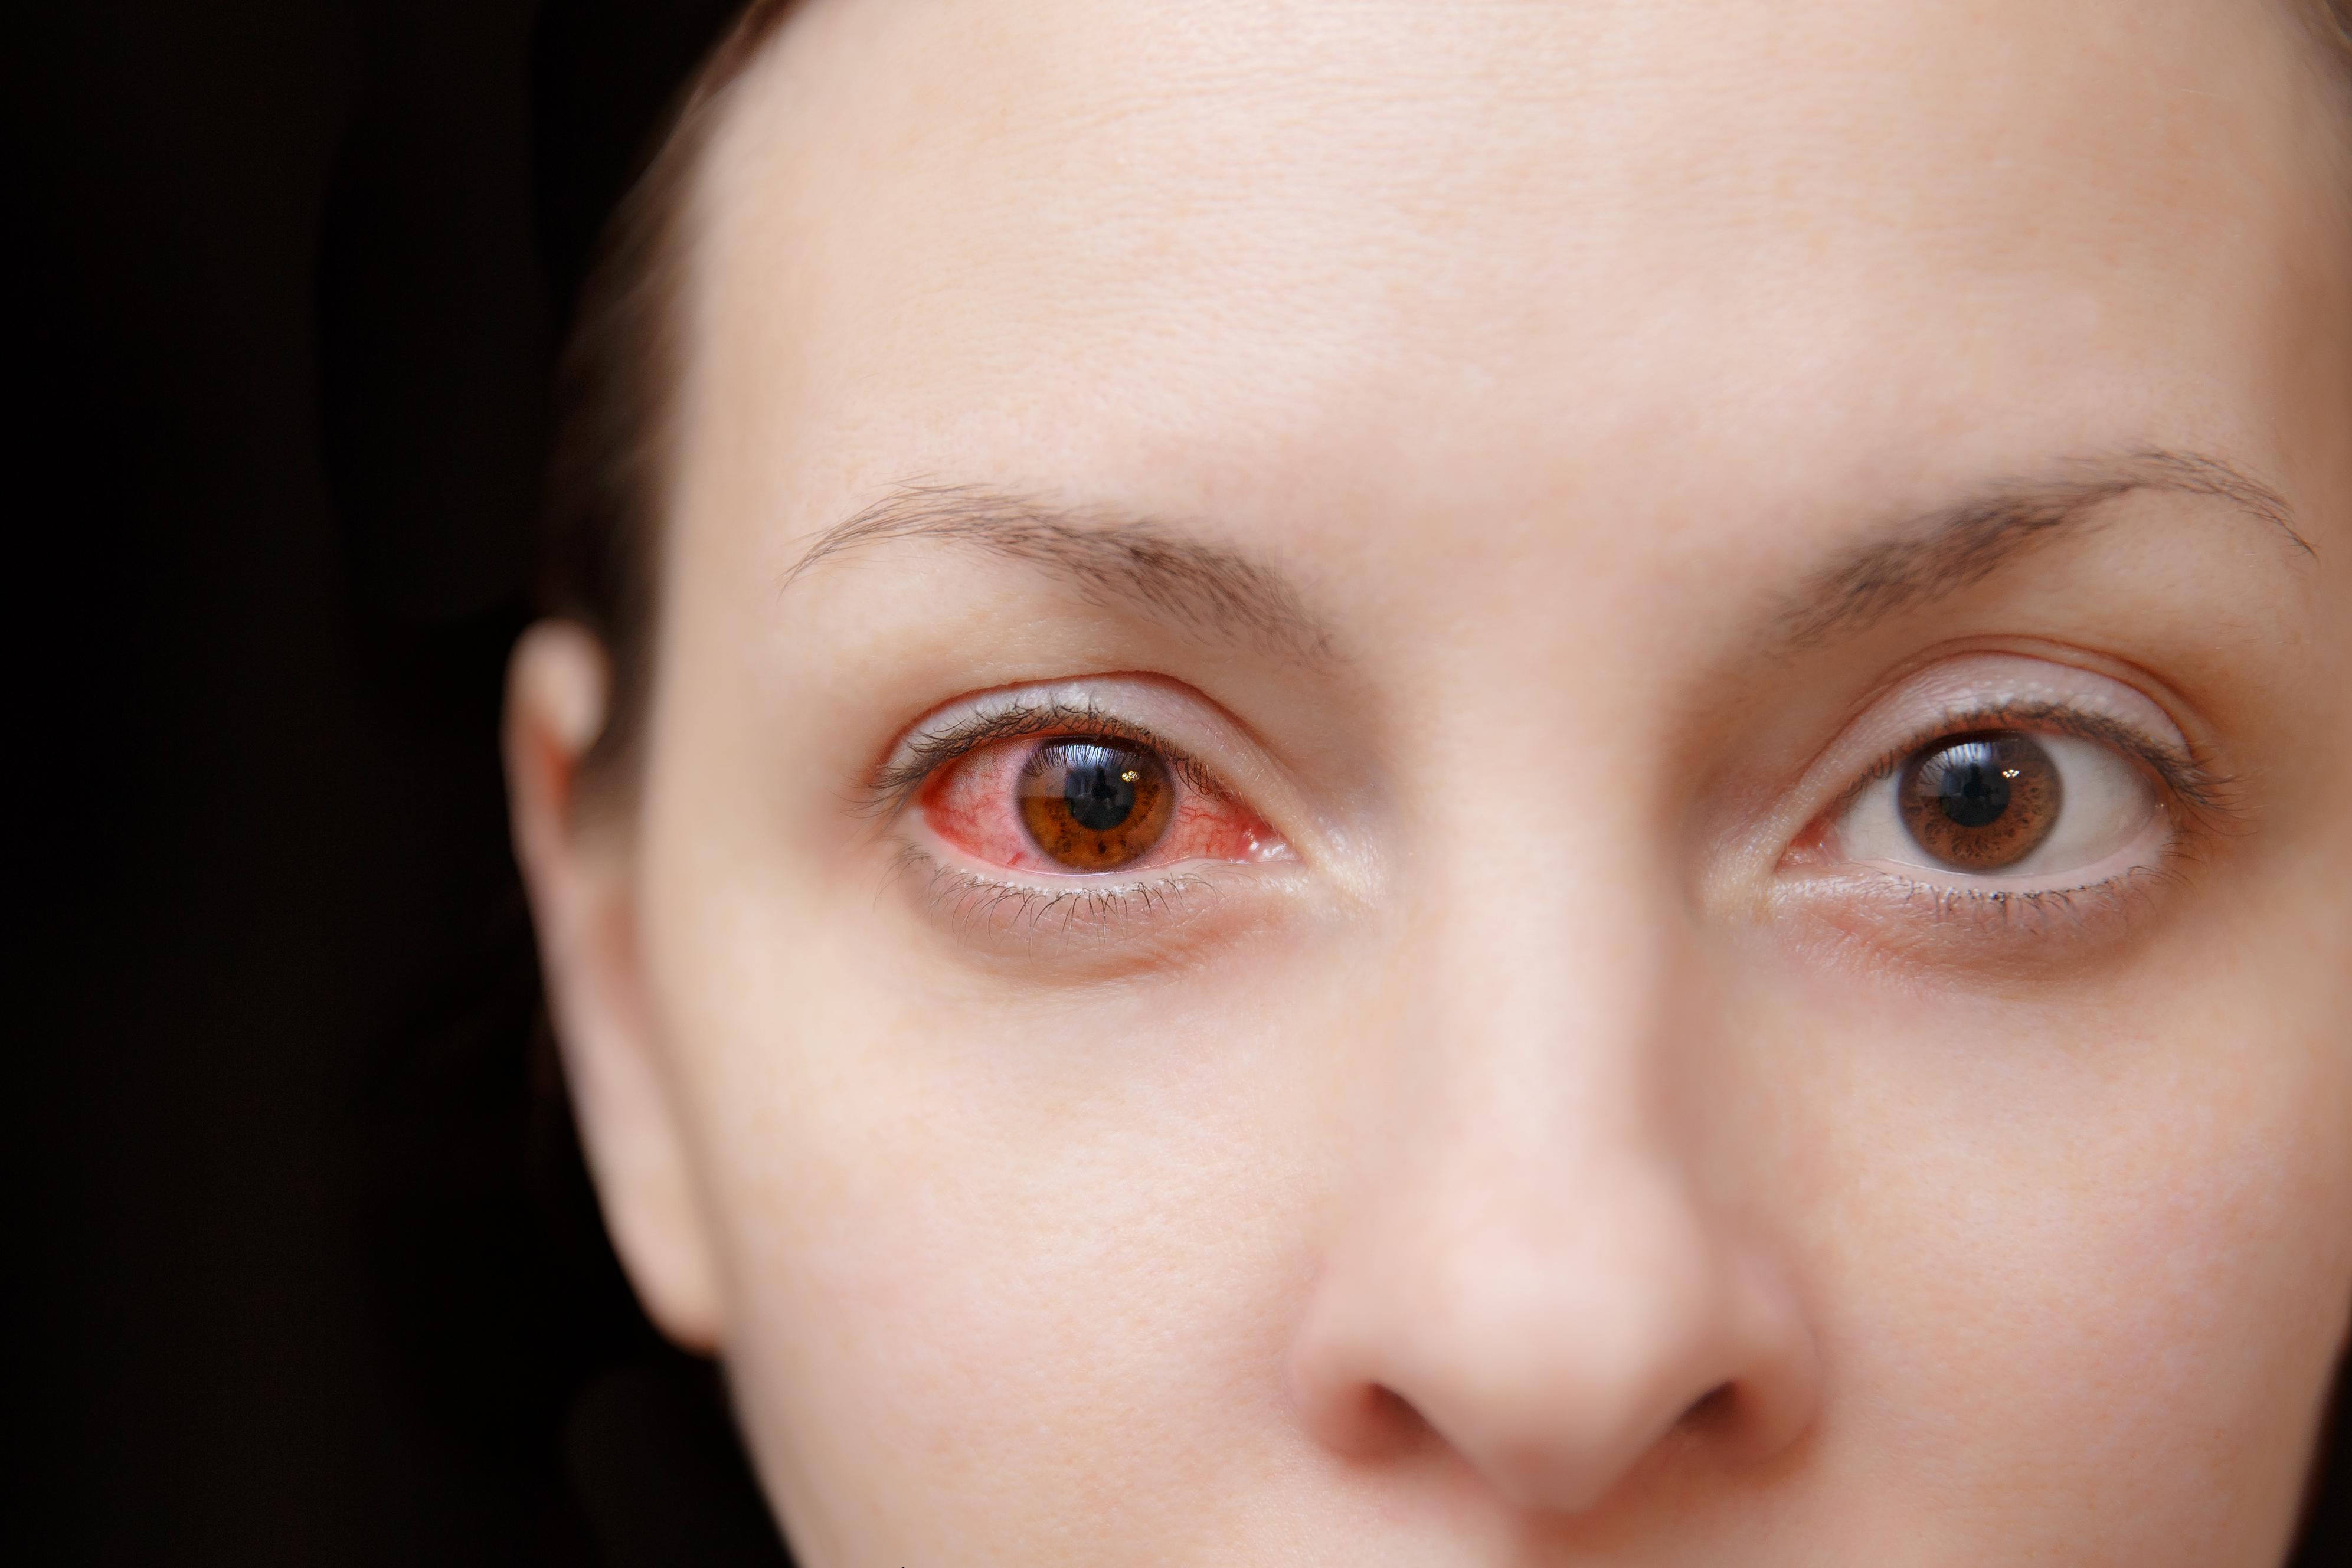 optometrist examining infected eye